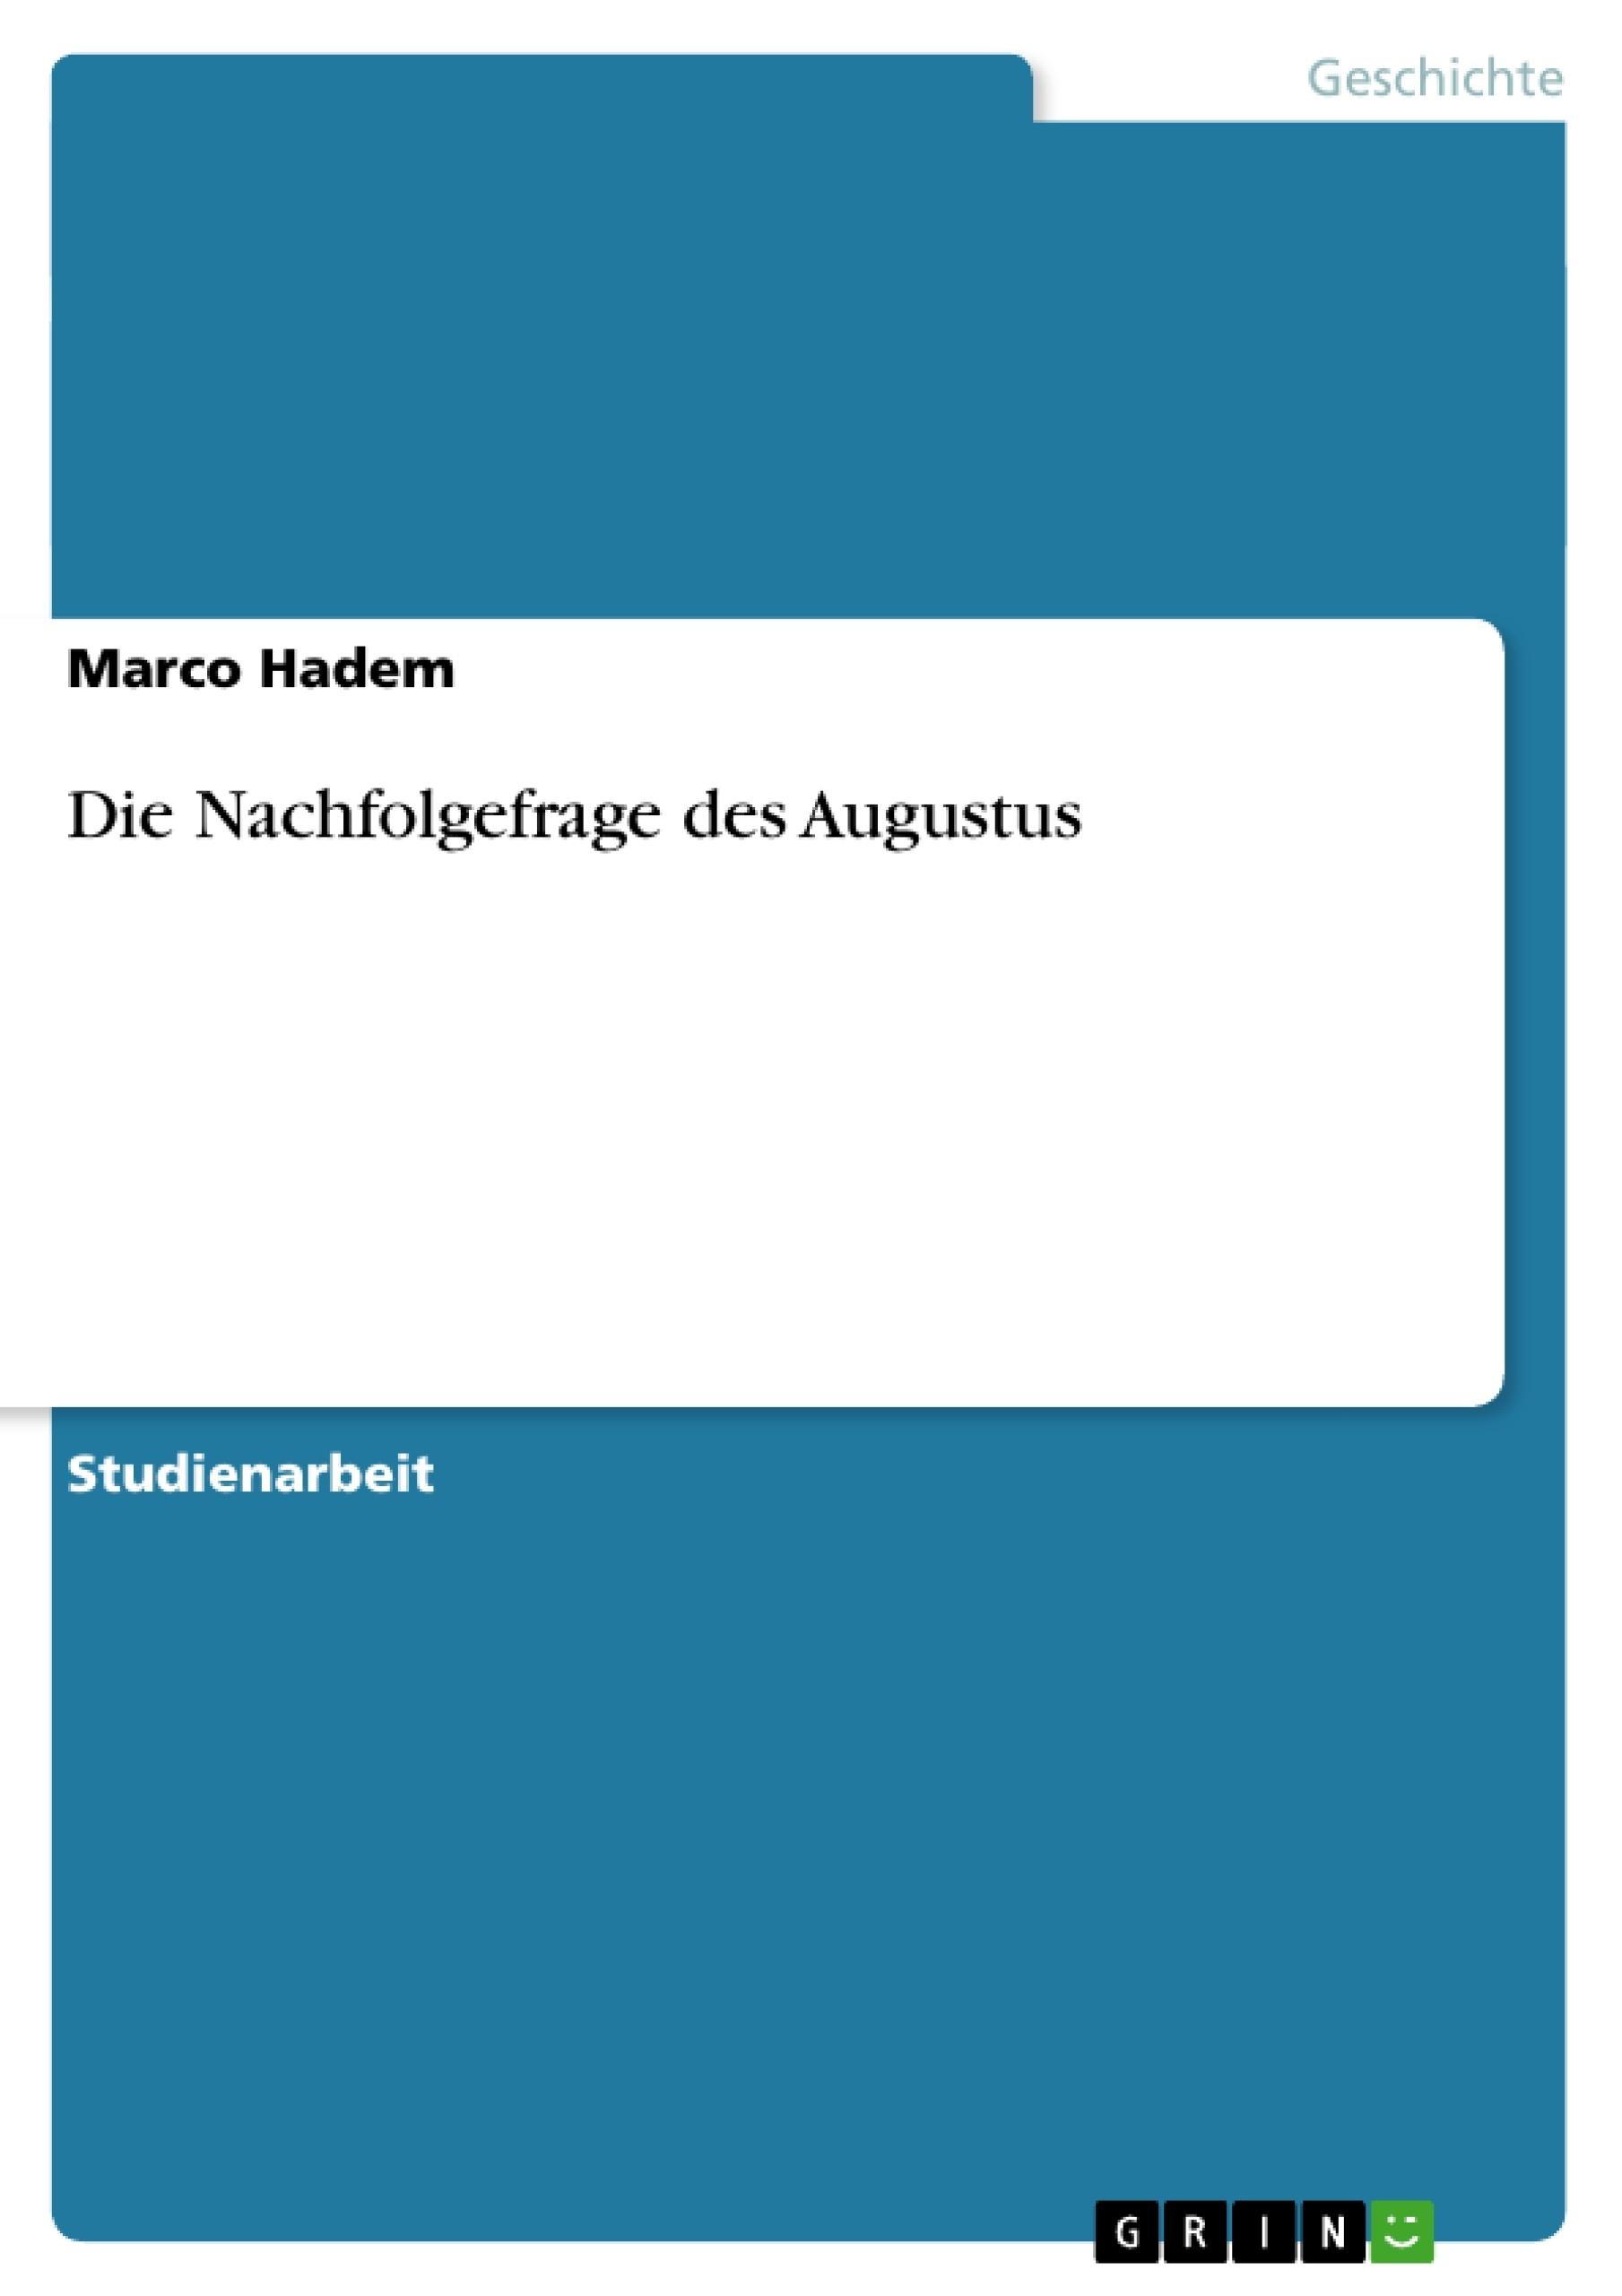 Titel: Die Nachfolgefrage des Augustus